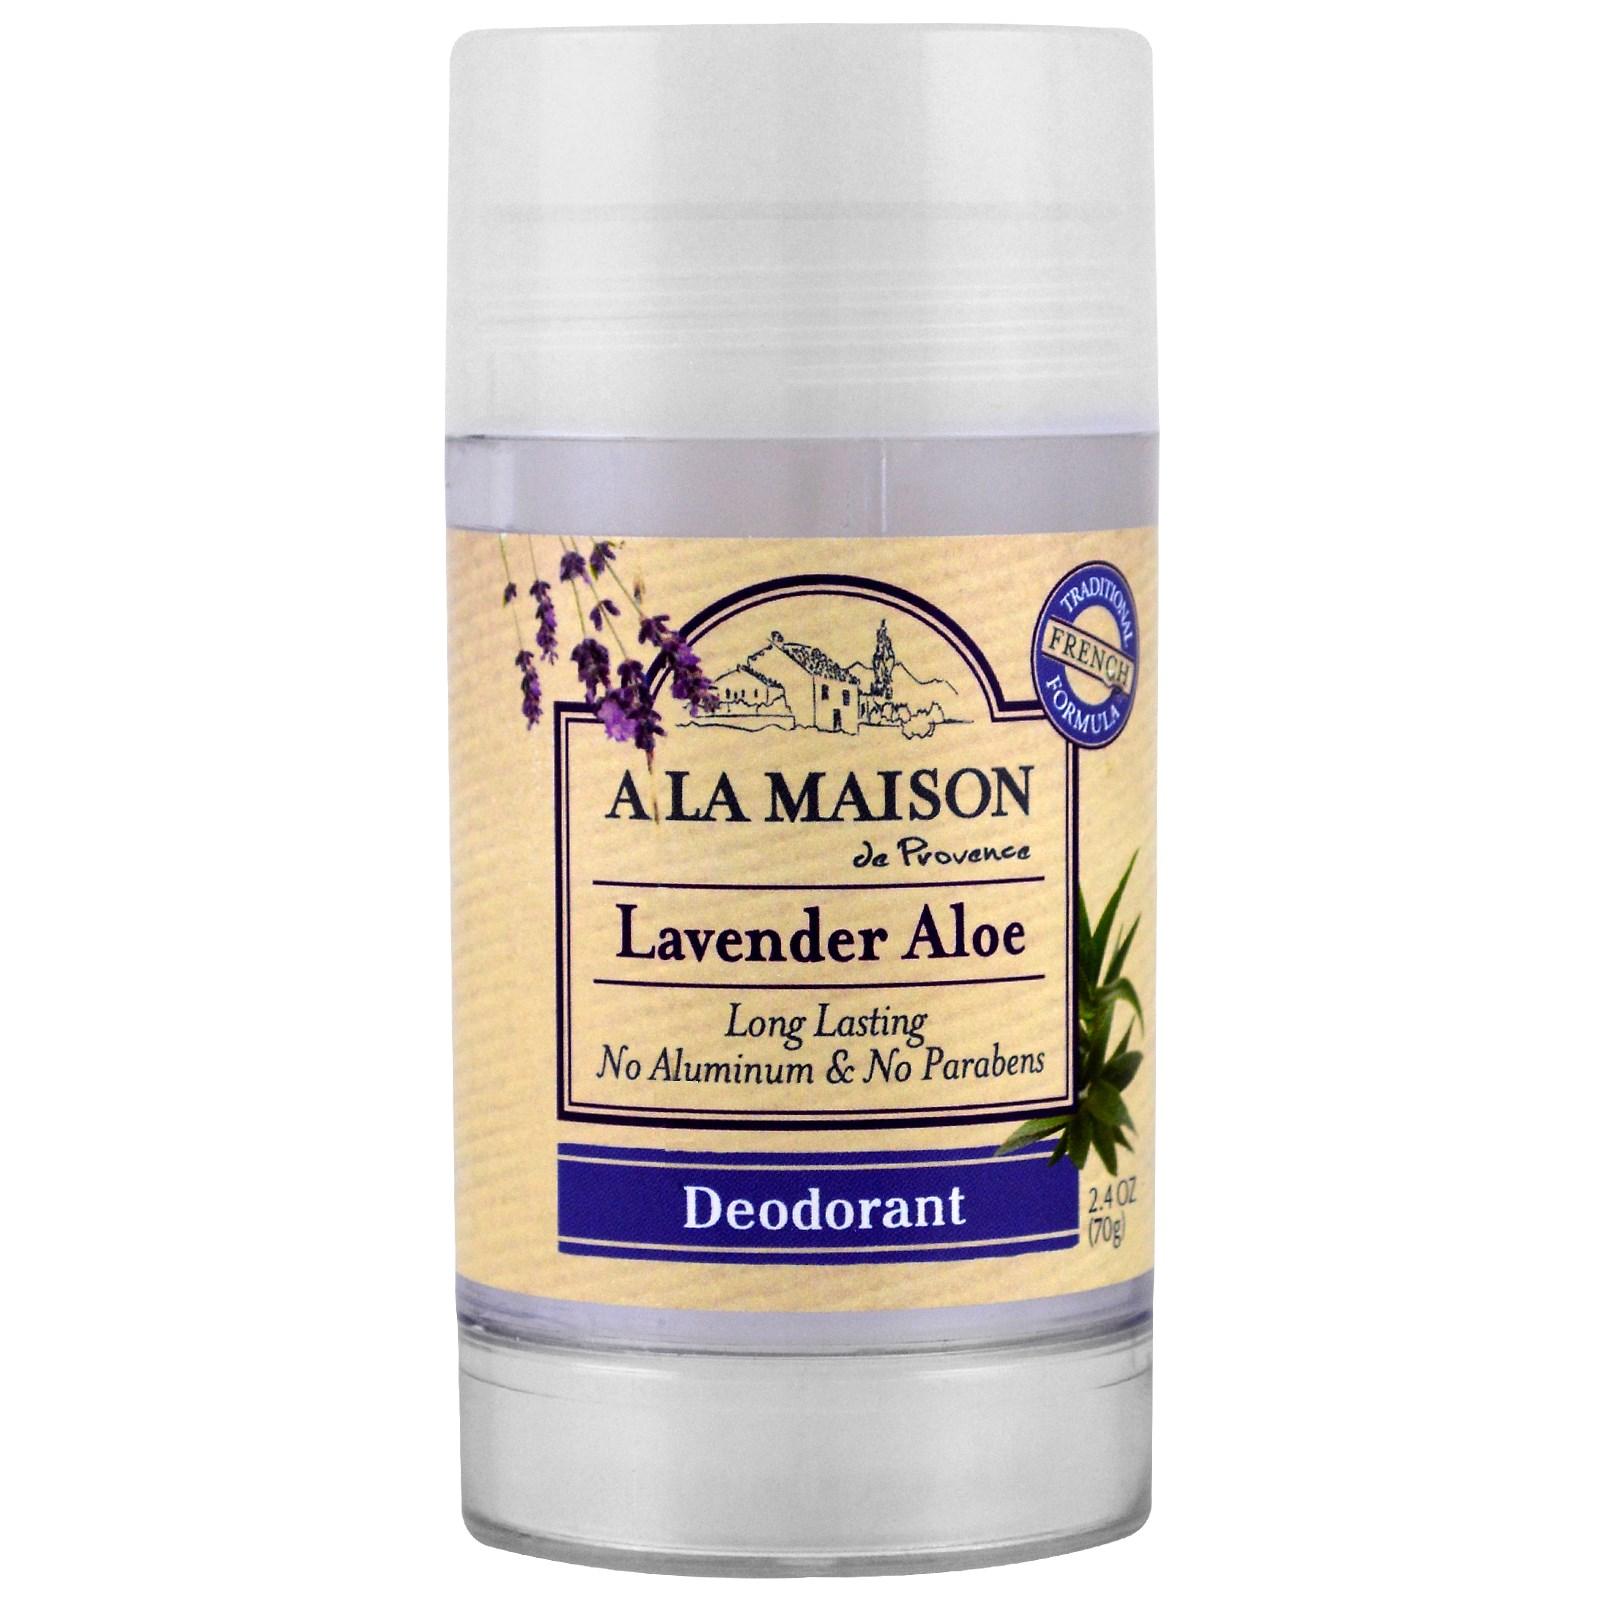 A La Maison de Provence, Дезодорант, лаванда-алоэ, 70 г (2.4 oz)